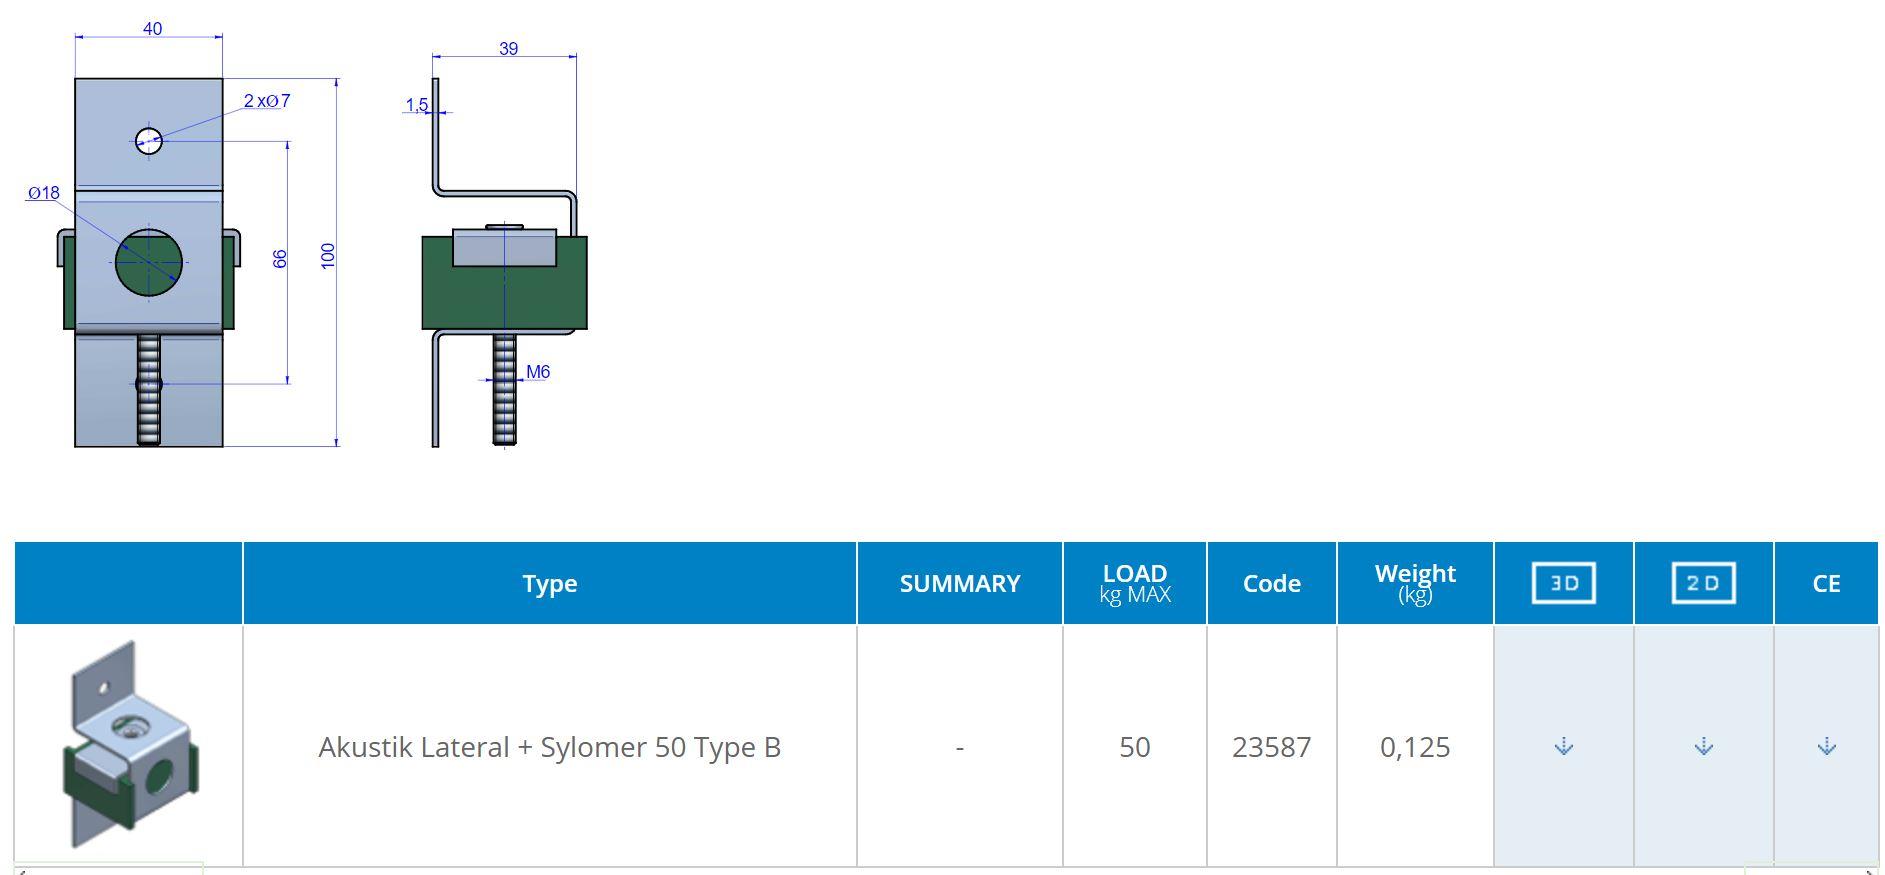 Akustik Lateral + Sylomer 50 Type B